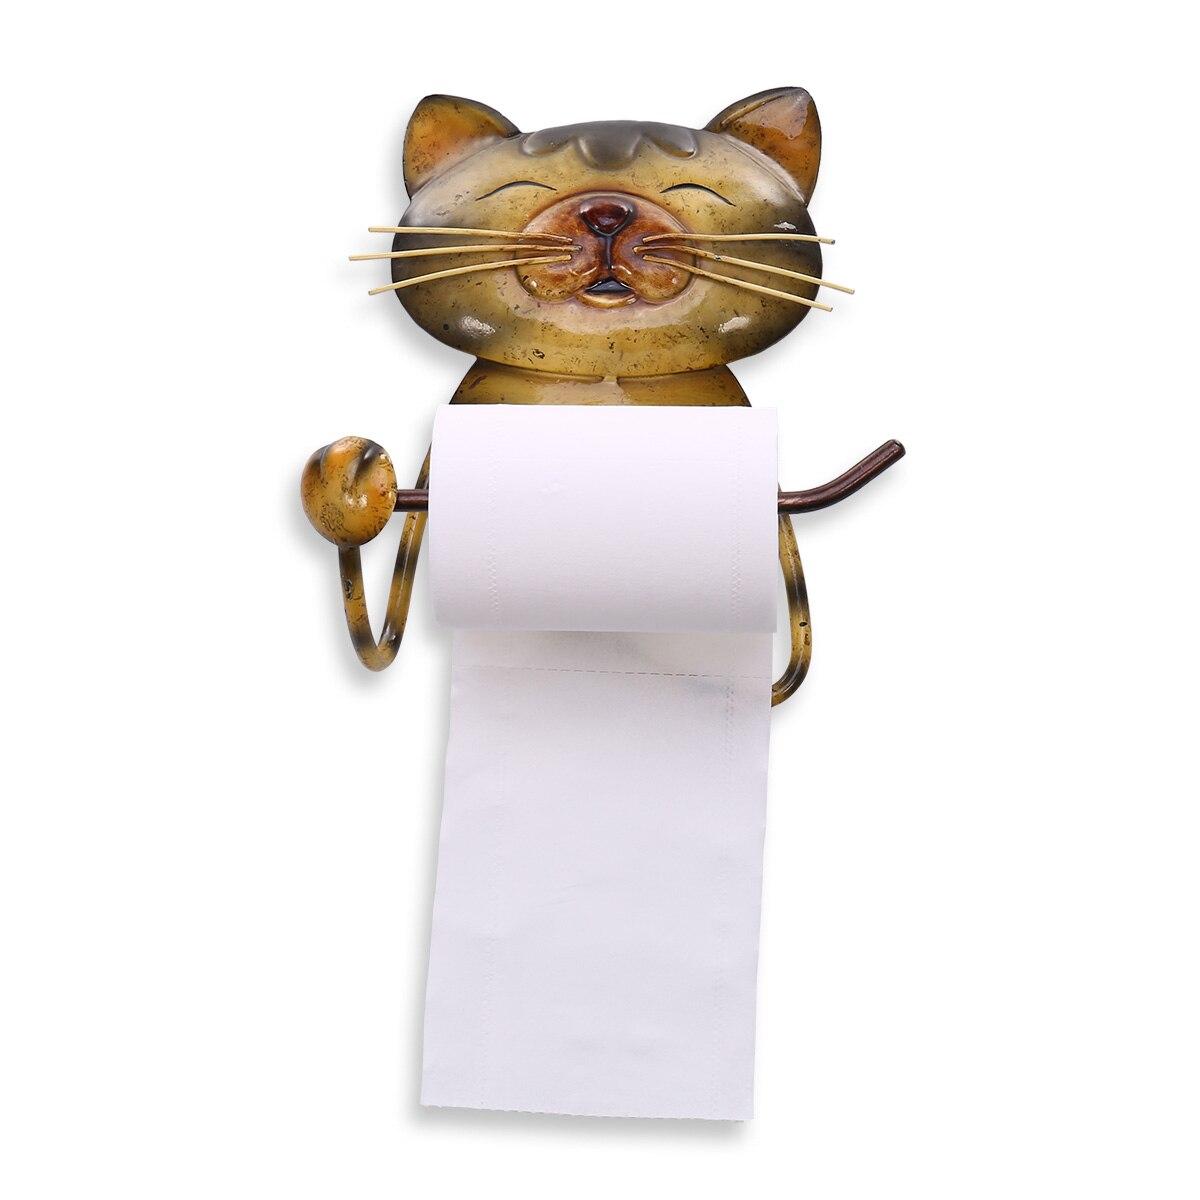 Offen Katze Papier Handtuch Halter Vintage Gusseisen Hund Wc Papier Halter Stehen Handtuch Halter Stehen Für Bad Moderate Kosten